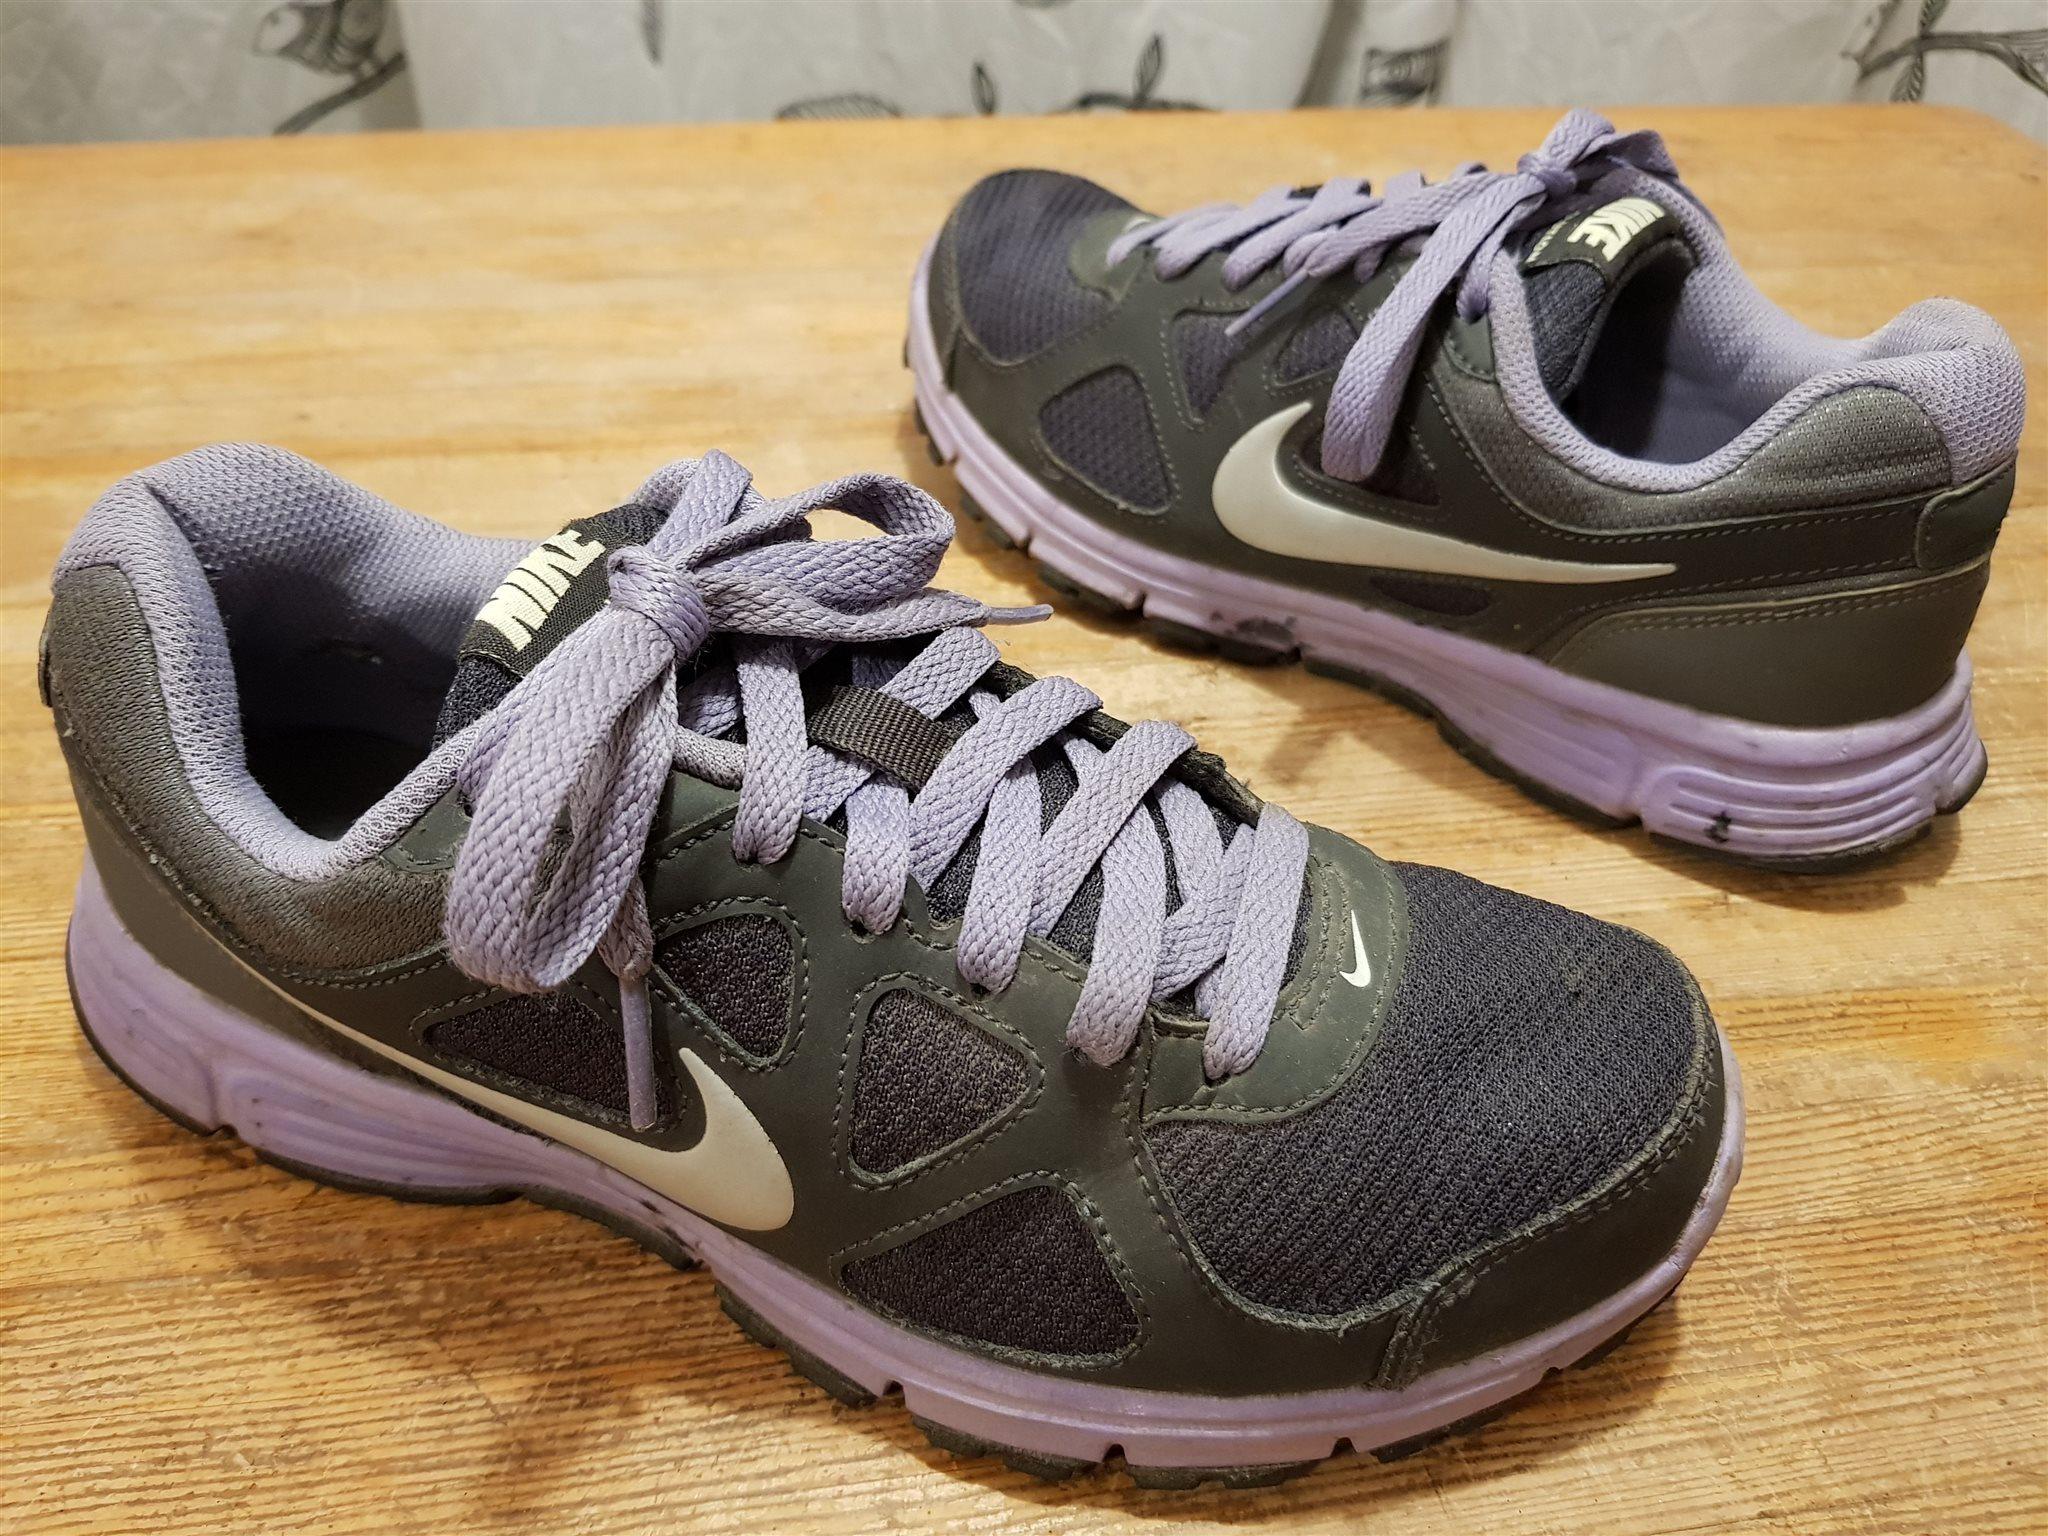 new arrival ba02a 4619b Löparskor sportskor Nike Revokution fritidsskor str 37,5 i fint skick